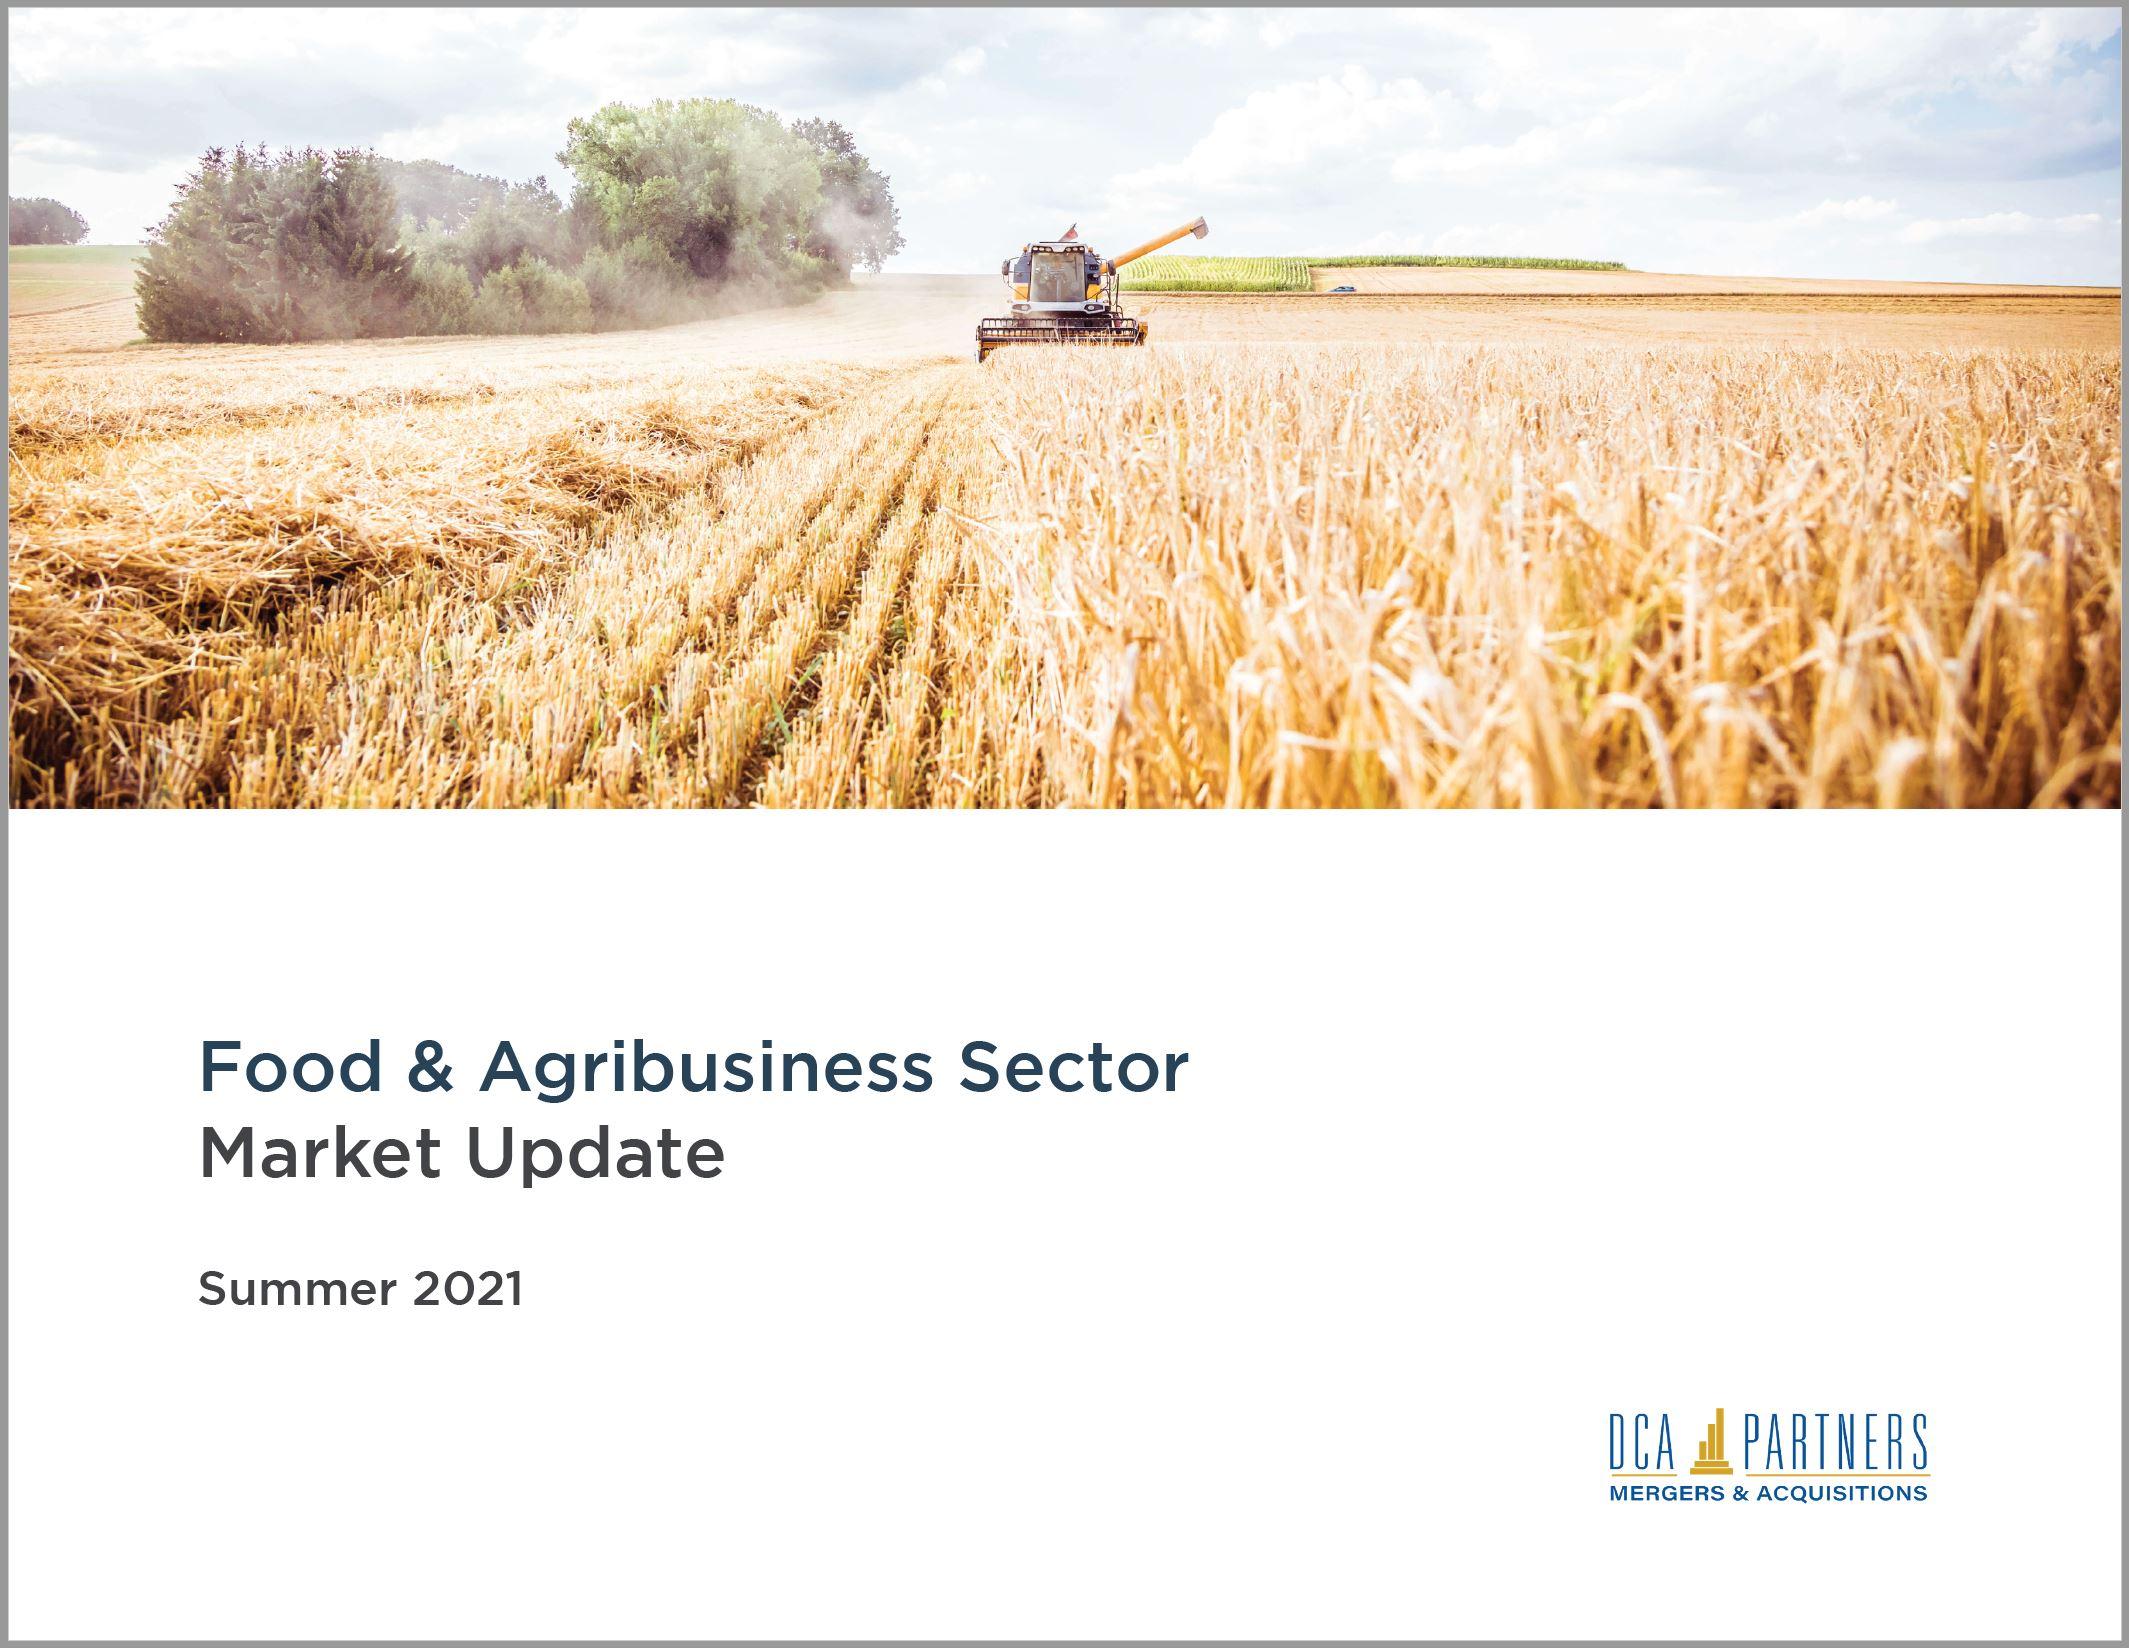 Food & Agribusiness Market Update Summer 2021